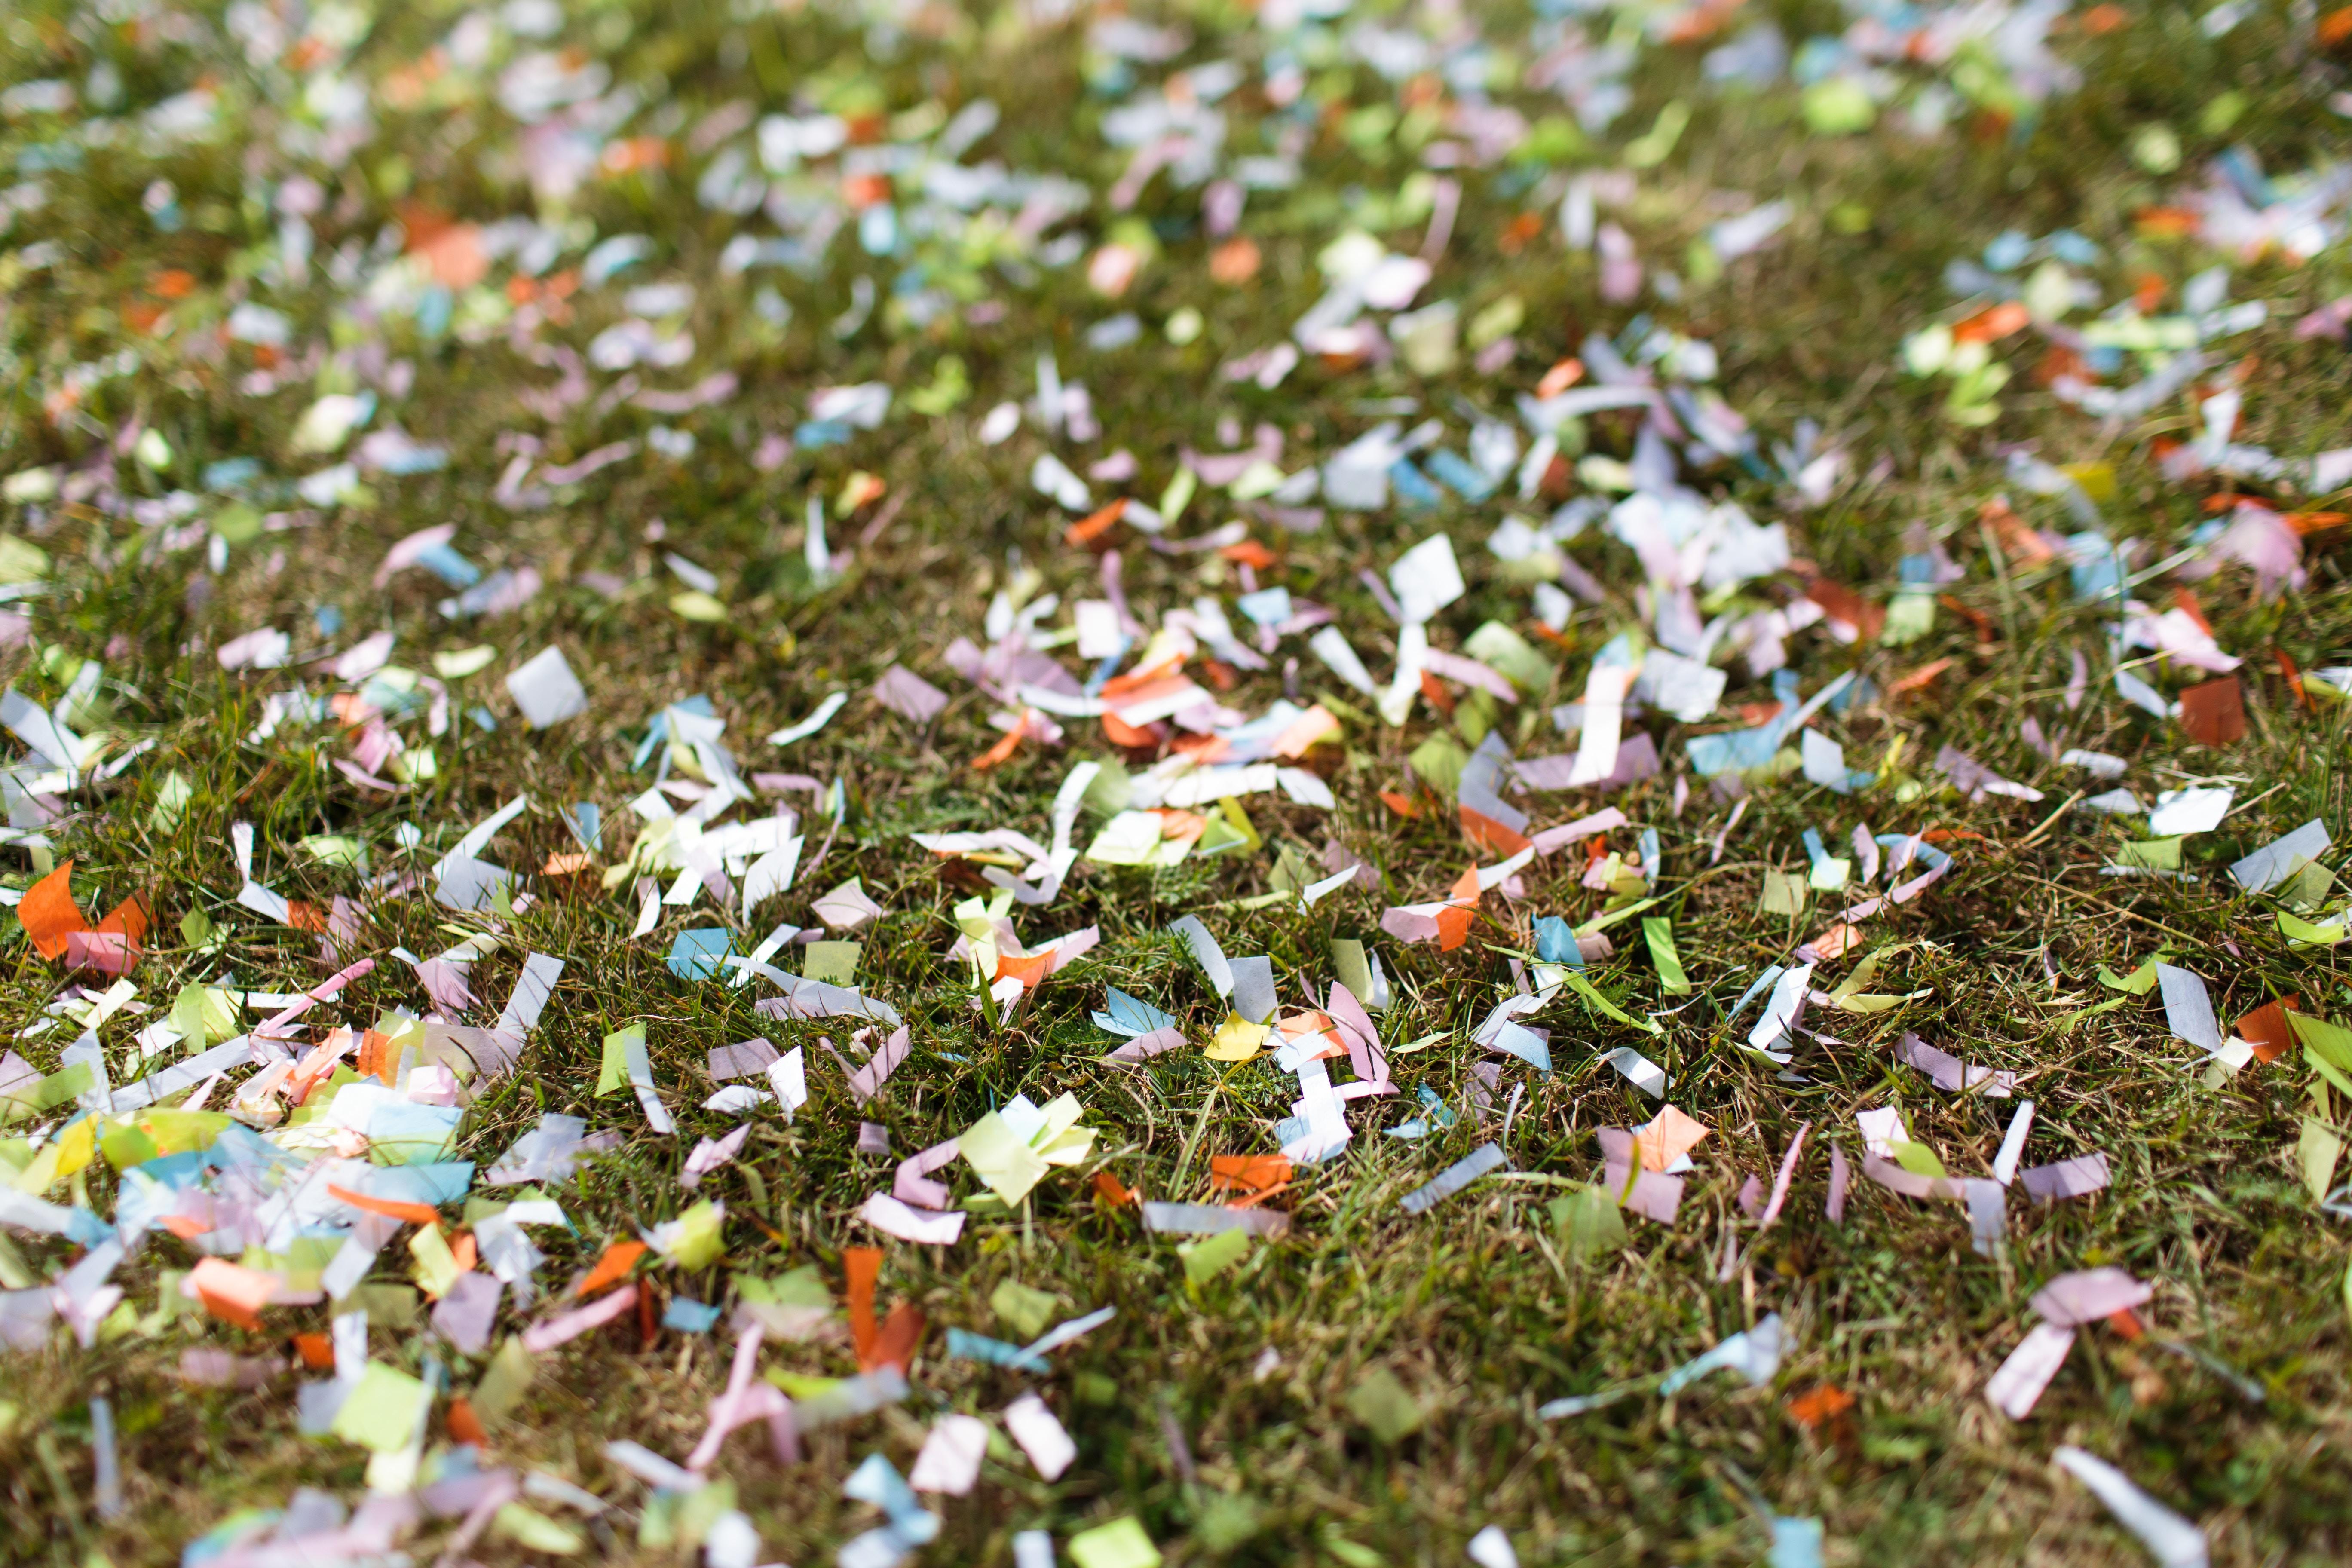 confetti on grass